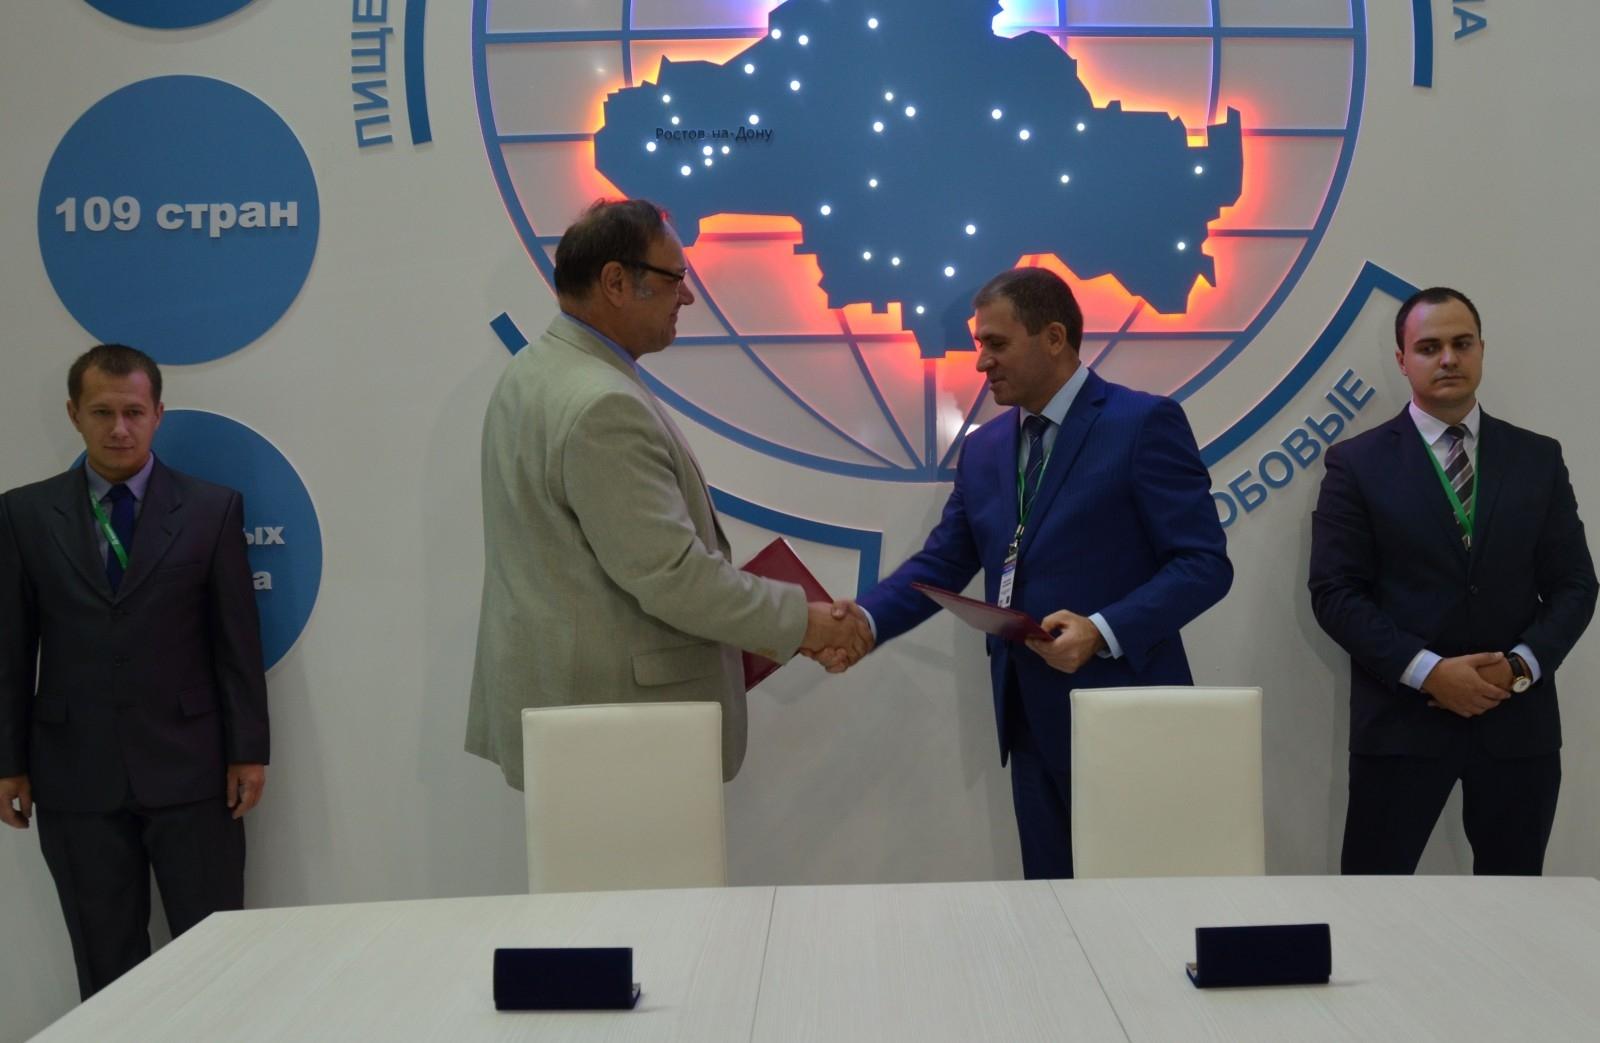 Мясное скотоводство в Ростовской области будет развиваться в соответствии с региональной стратегией